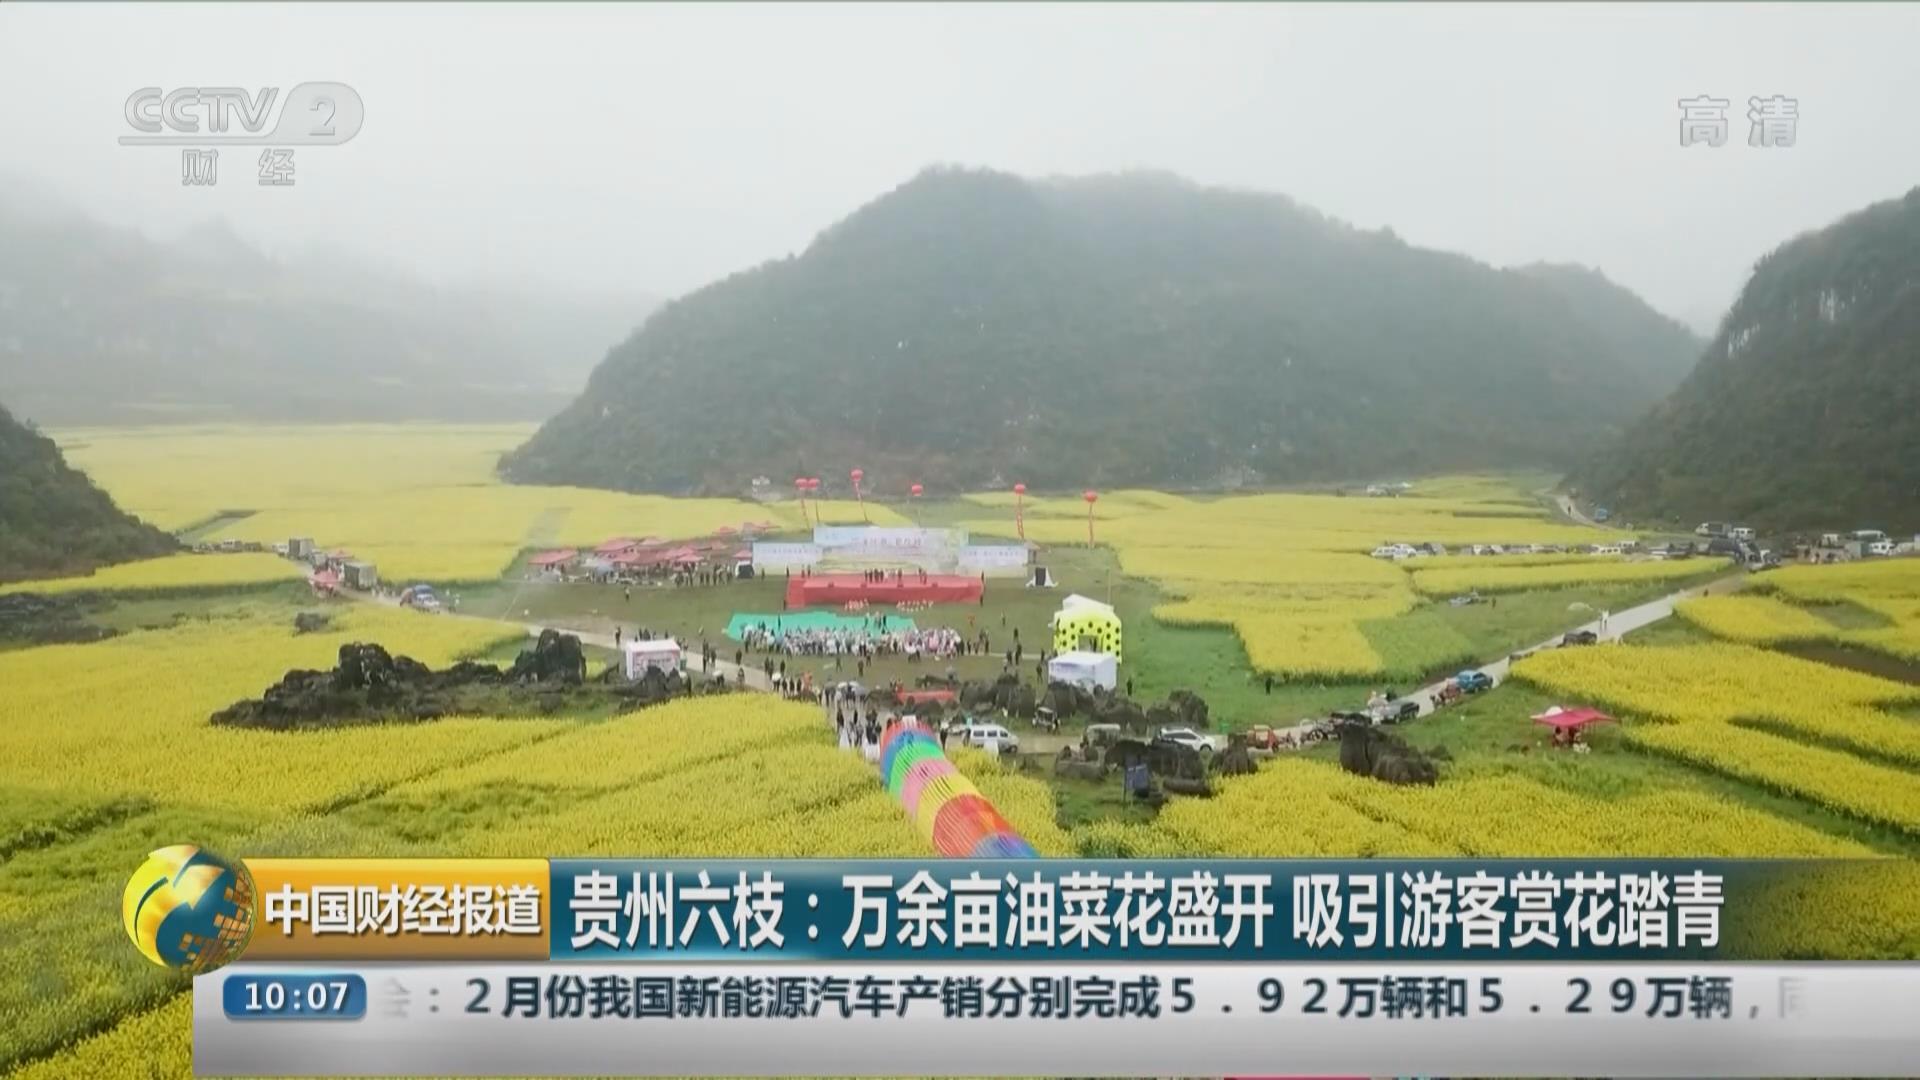 貴州六枝:萬余畝油菜花盛開 吸引遊客賞花踏青